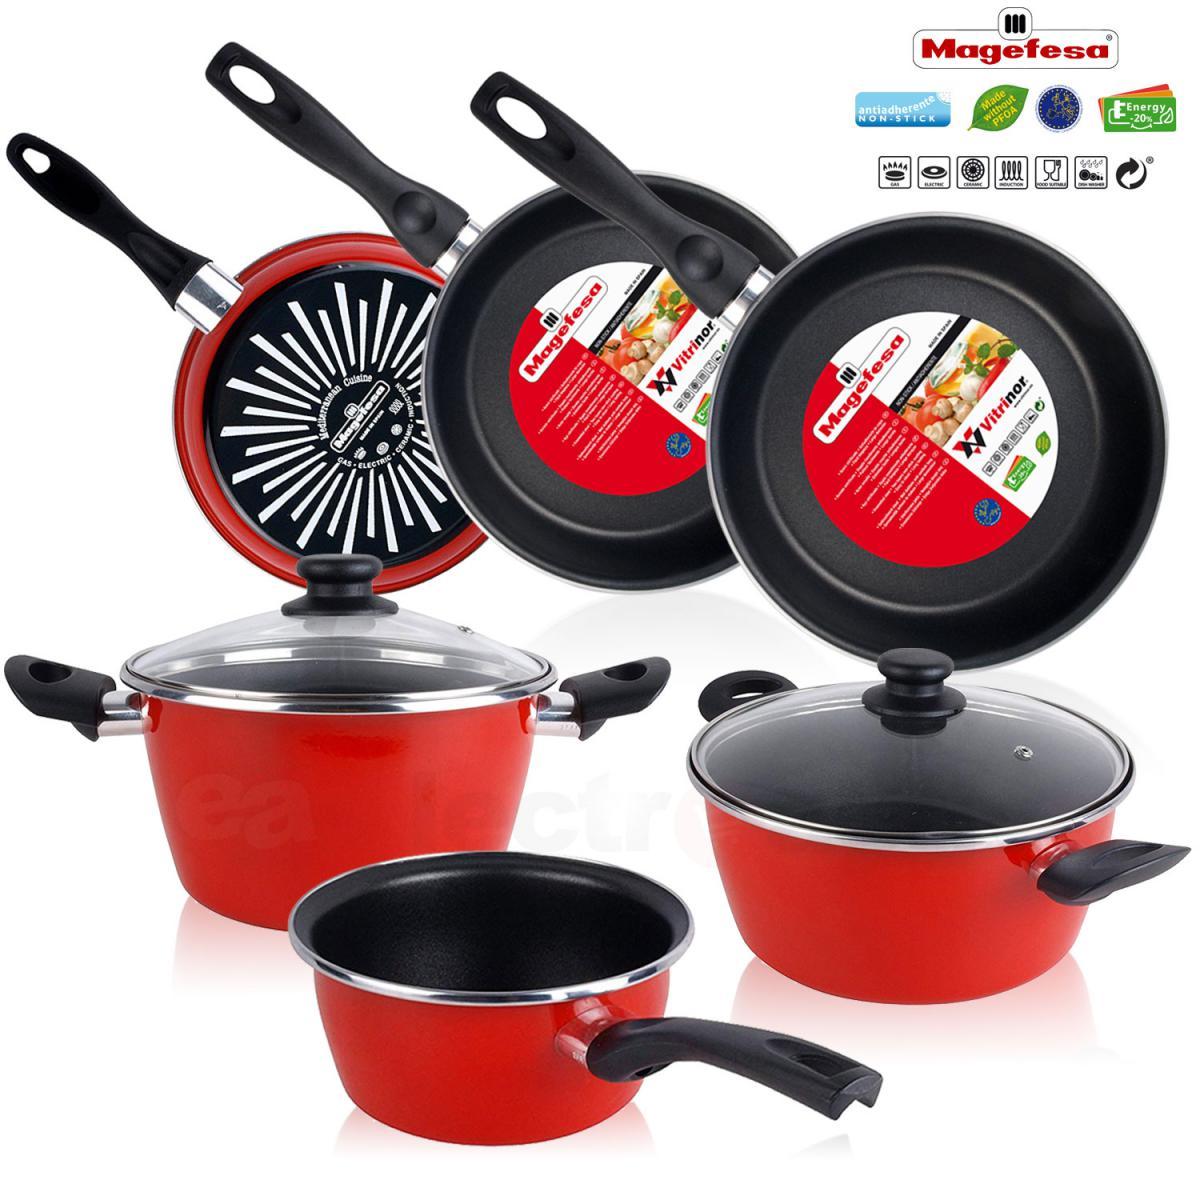 Magefesa Batterie de cuisine 5 pièces Jeu de 3 poêles 18-20-24 cm induction antiadhésives Magefesa GRANA